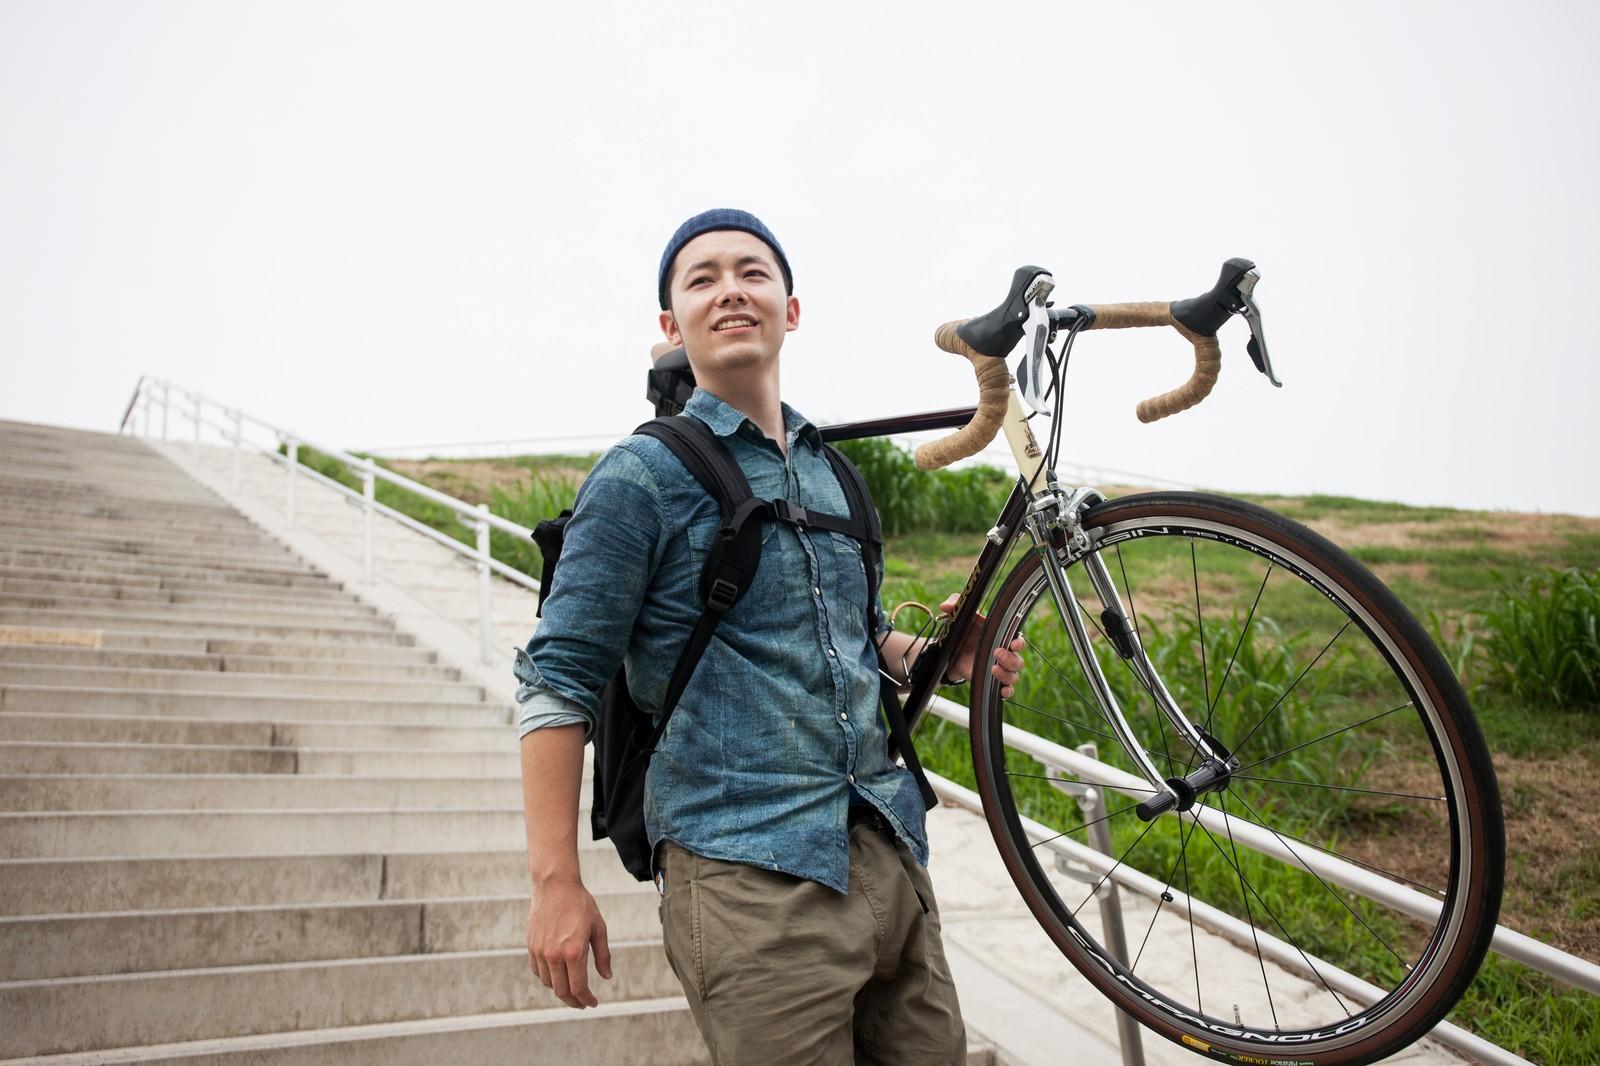 「ロードバイクを大事に運ぶ自転車男子ロードバイクを大事に運ぶ自転車男子」[モデル:けんたさん]のフリー写真素材を拡大